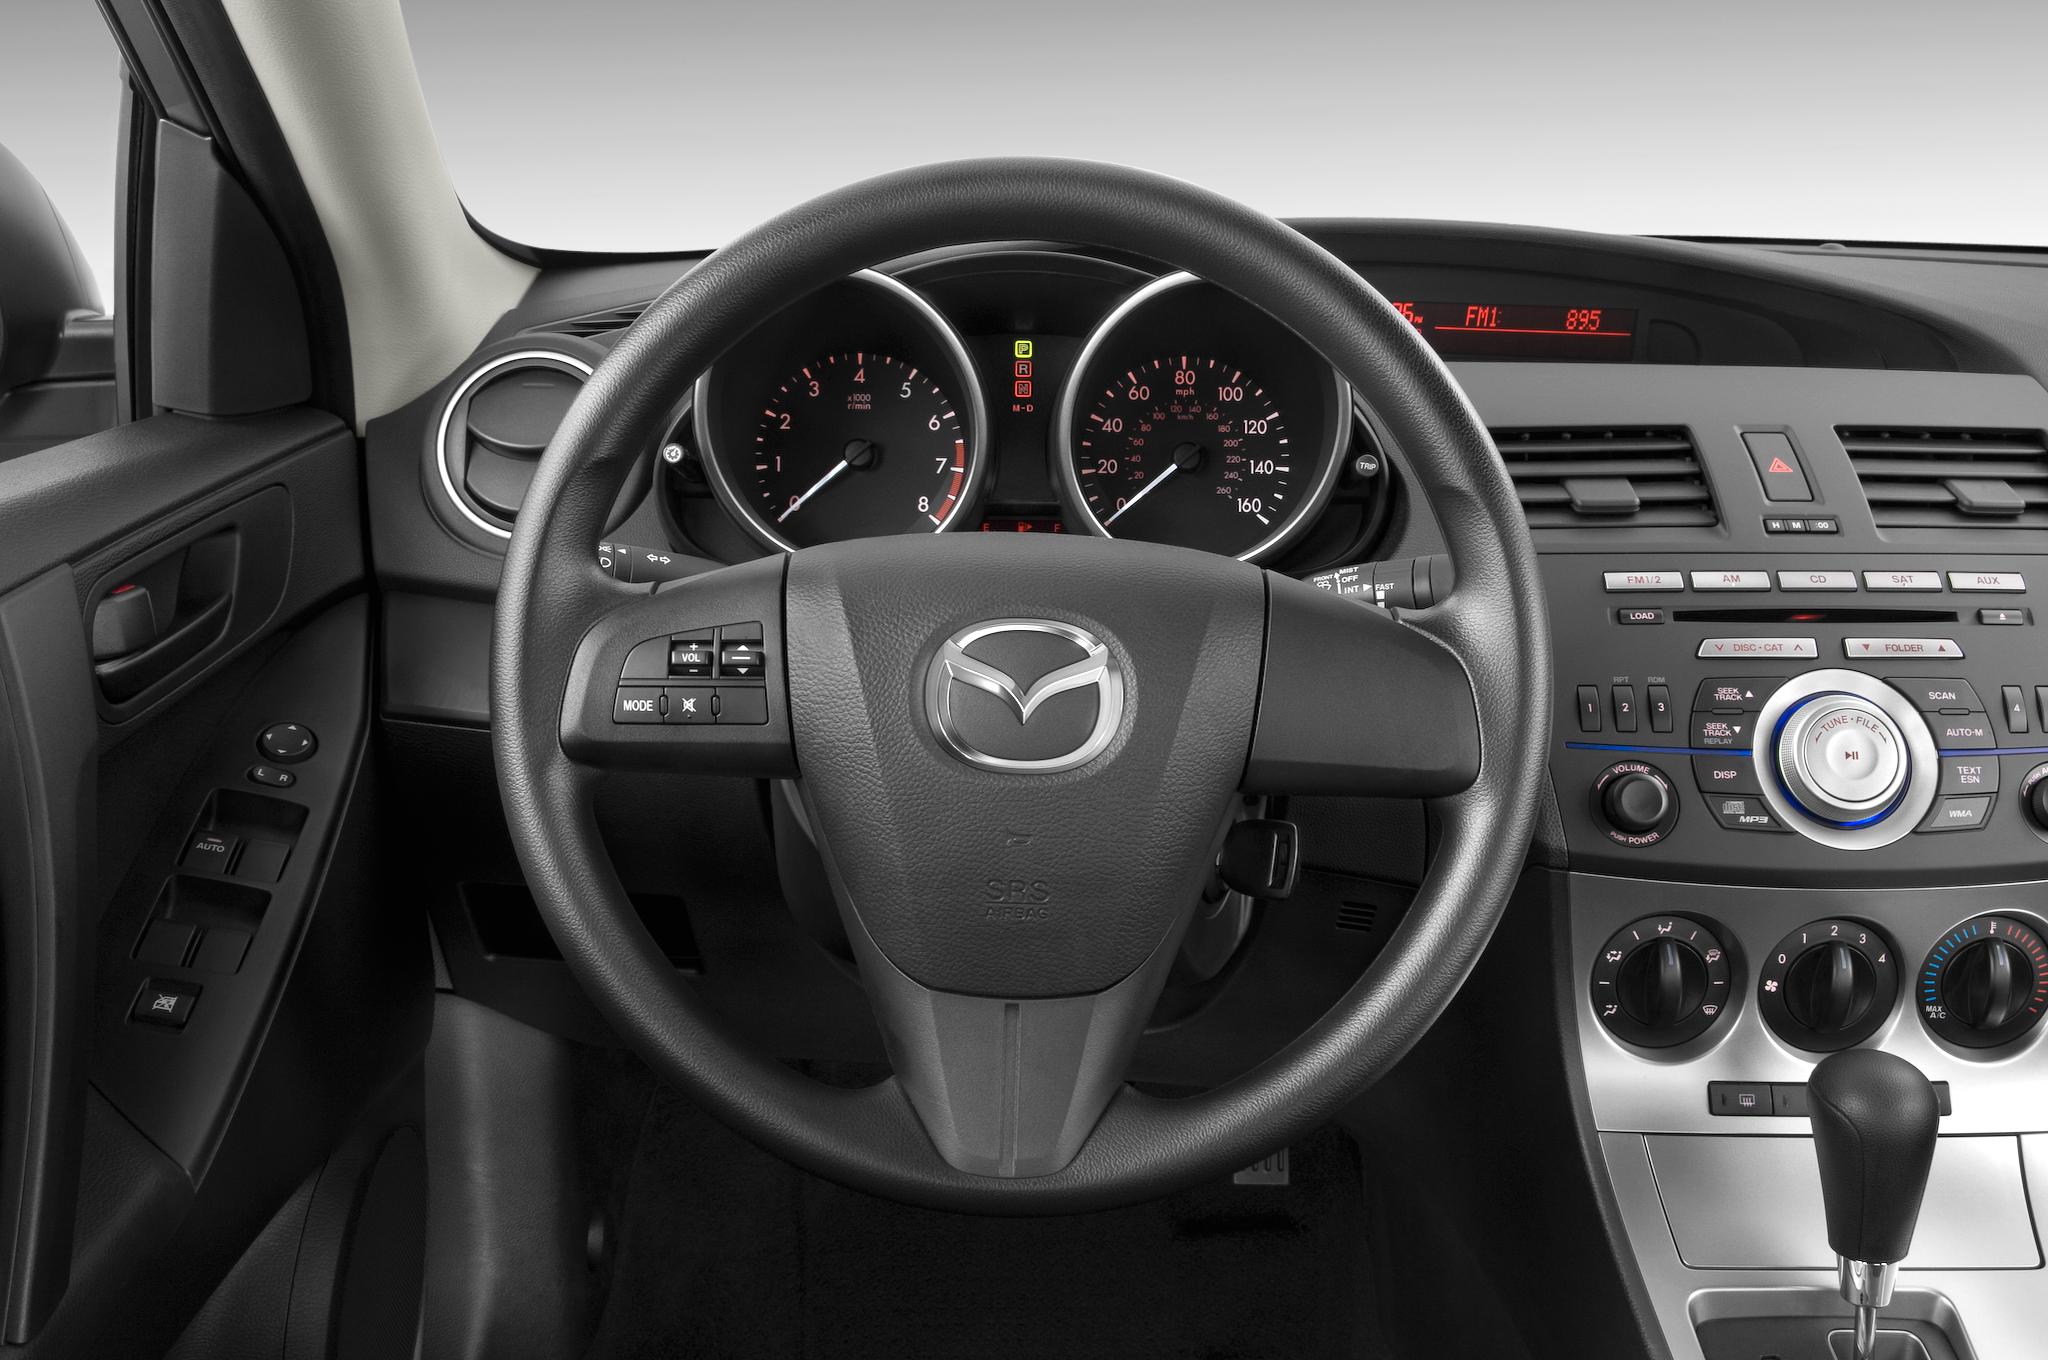 https://st.automobilemag.com/uploads/sites/10/2015/11/2010-mazda-mazda3-i-sport-4-door-sedan-steering-wheel.png